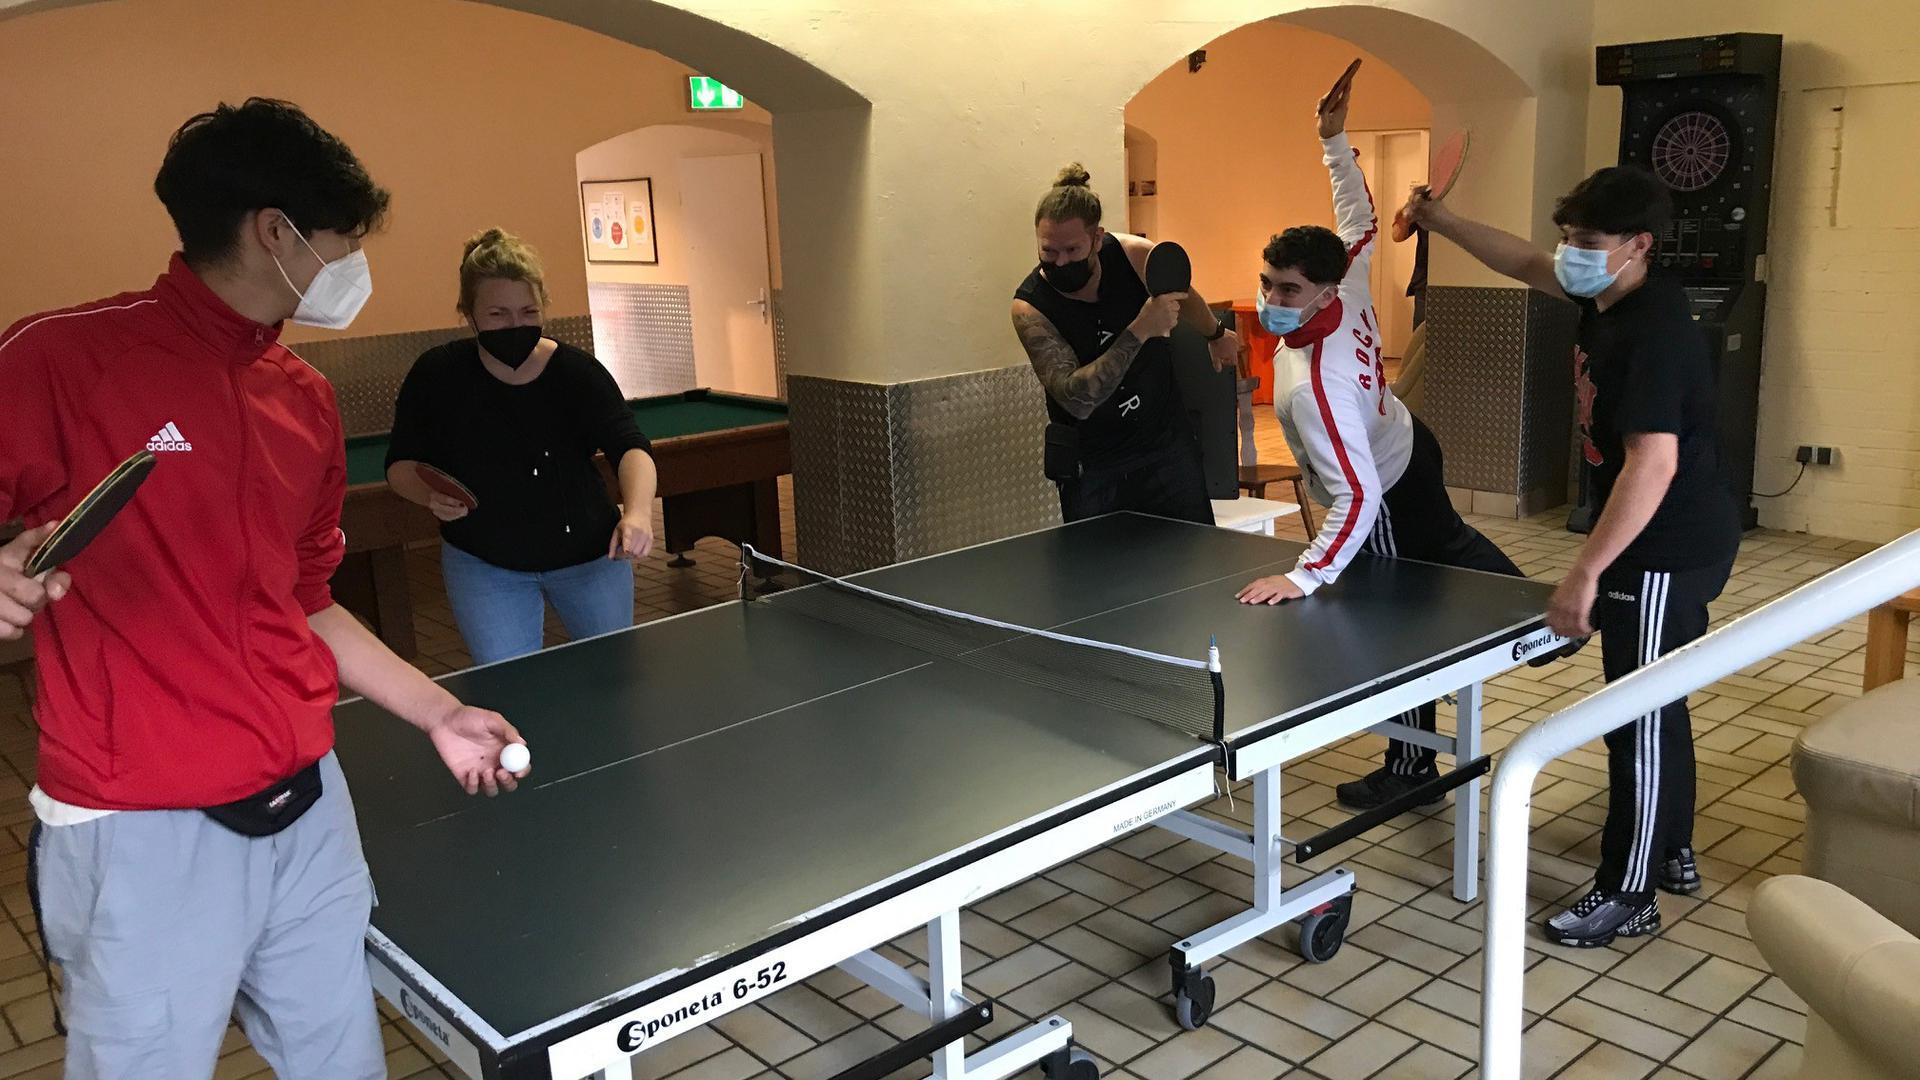 Junge Leute an der Tischtennisplatte